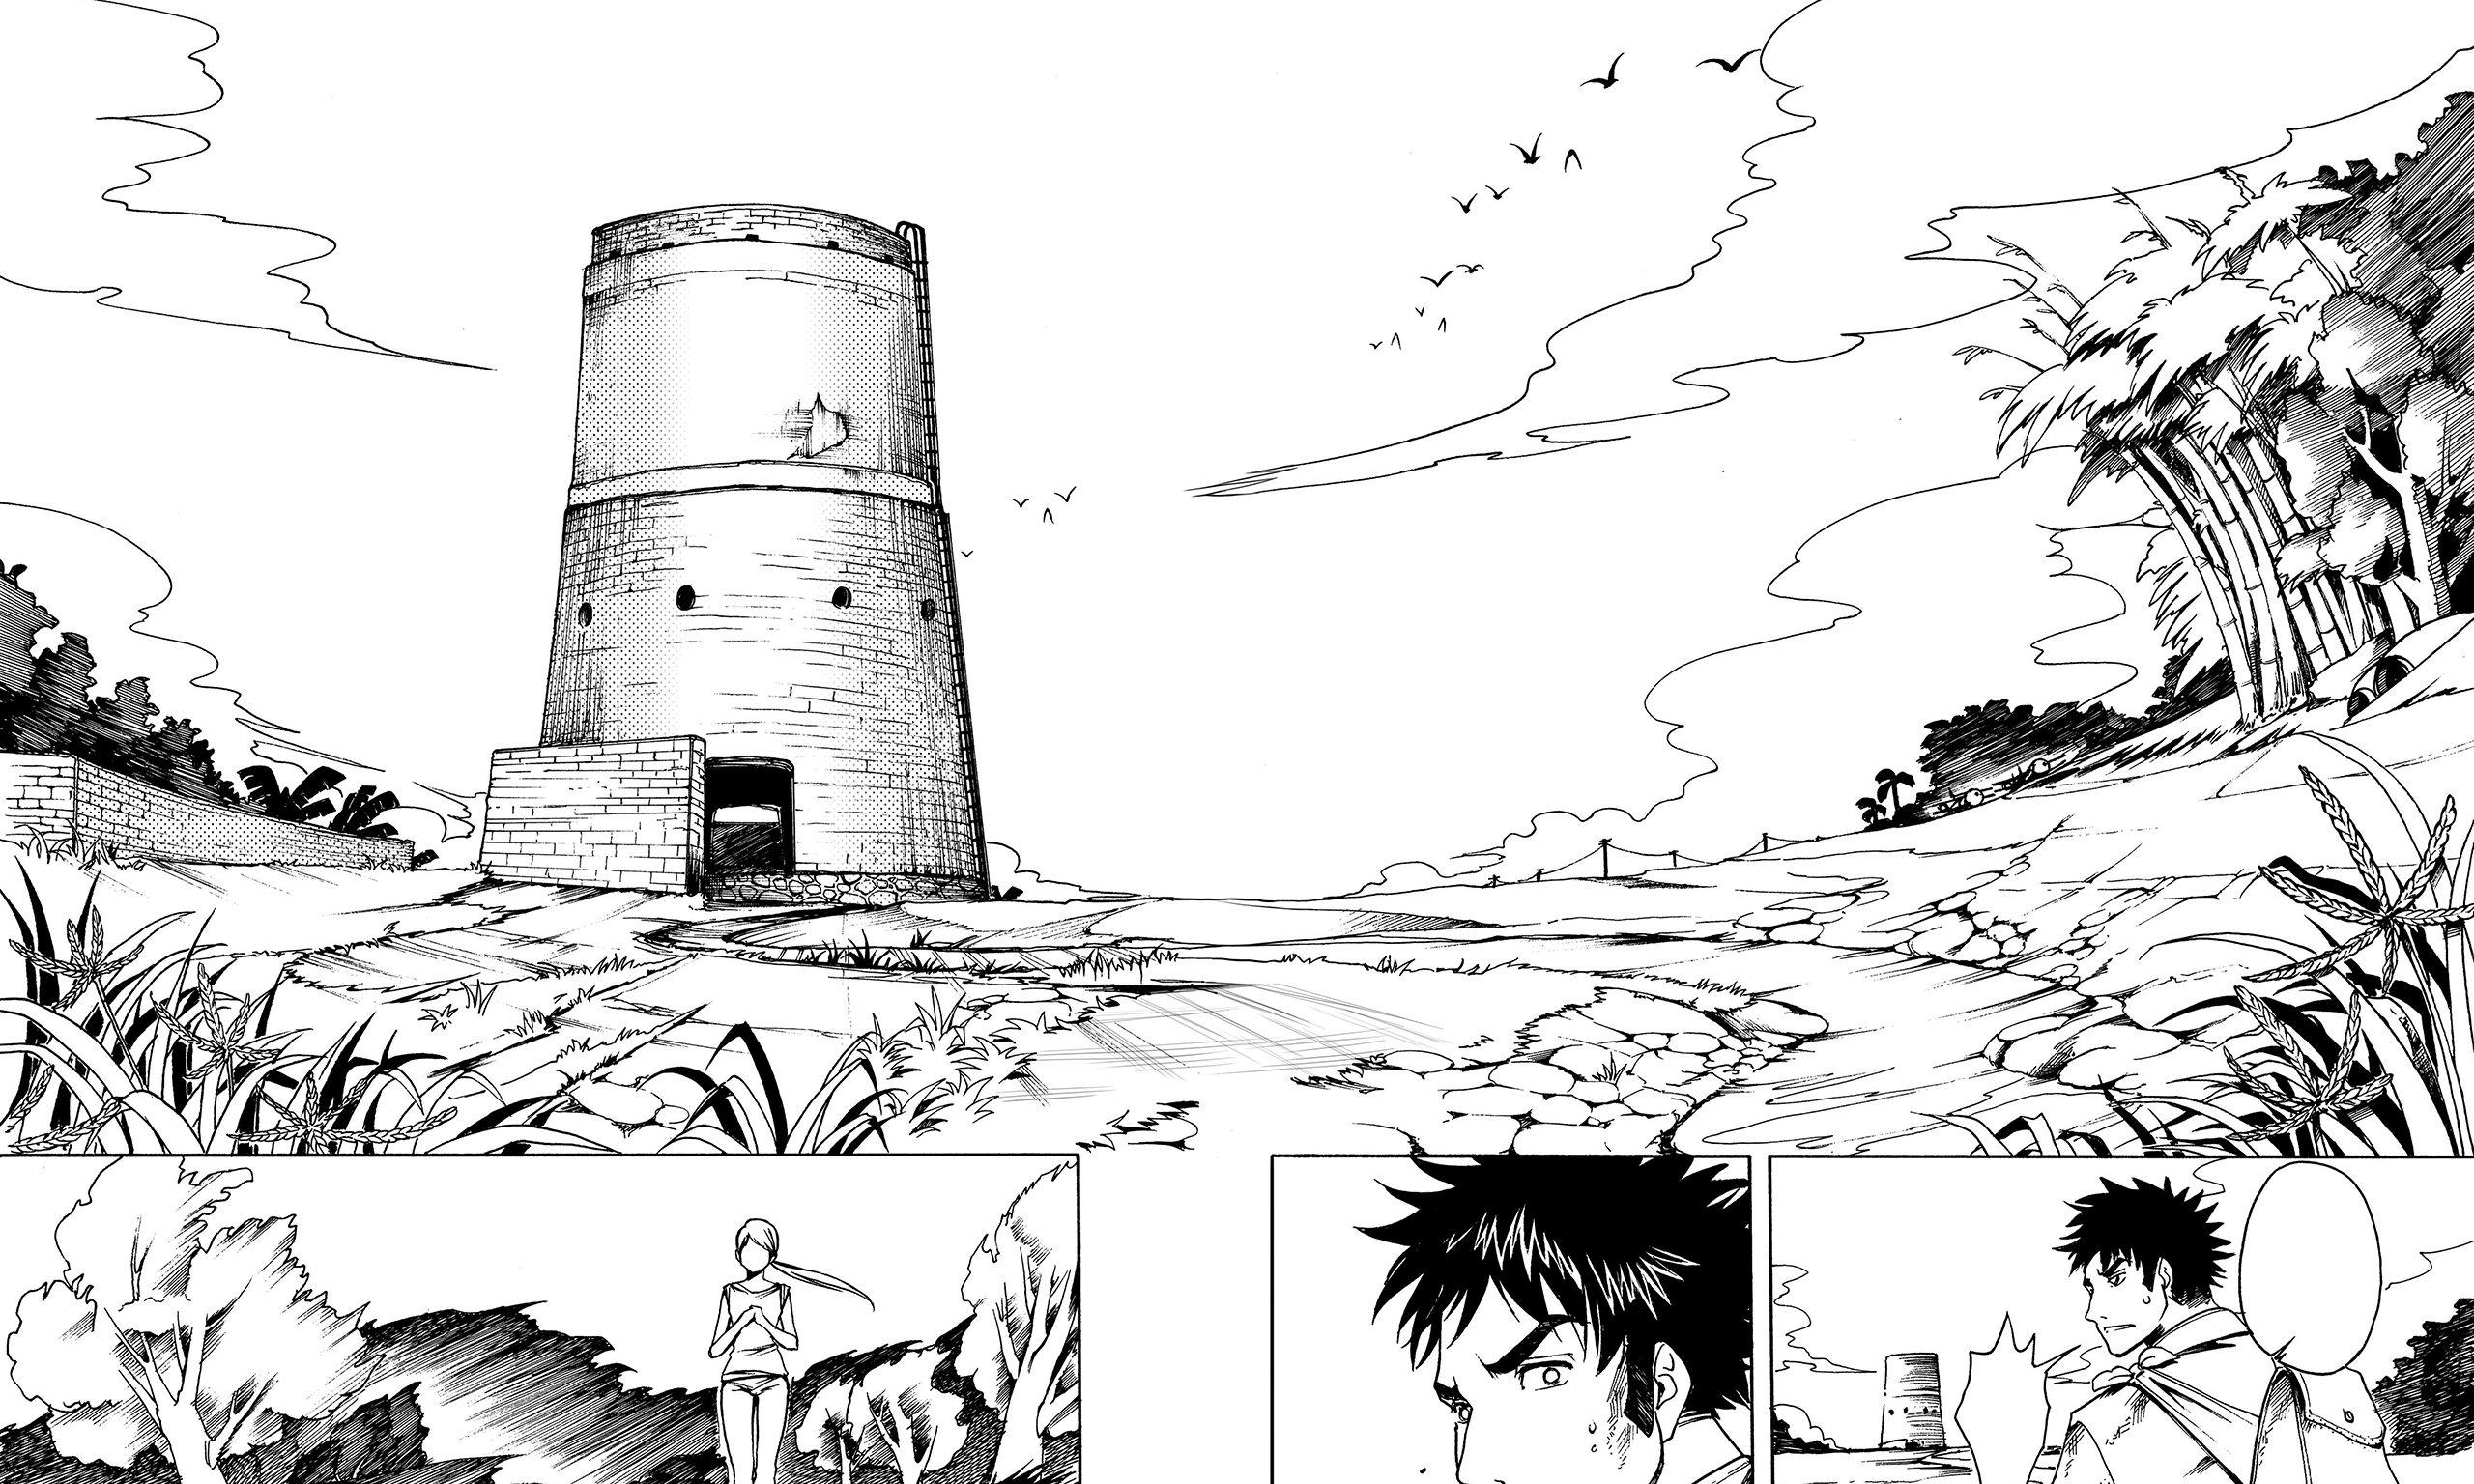 用畫筆訴說故事 一生懸命的漫畫夢 / 有橋漫畫 陳小雅